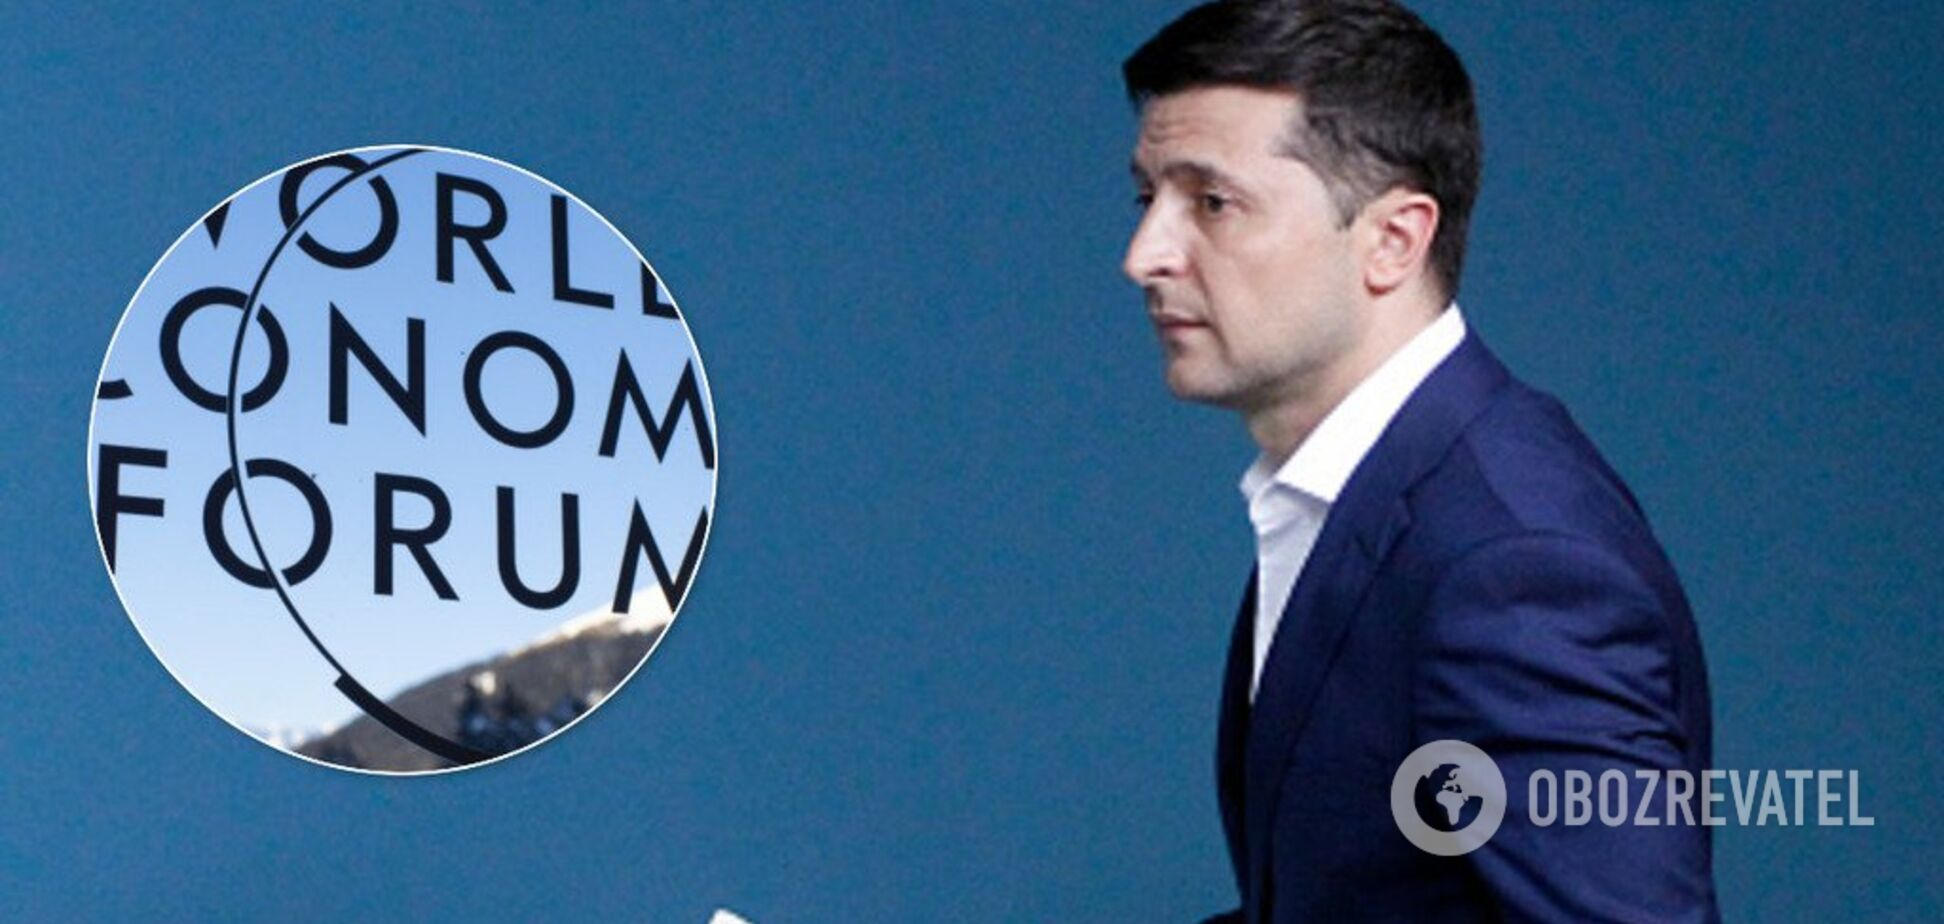 Зеленський виступив на економічному форумі в Давосі: всі подробиці онлайн